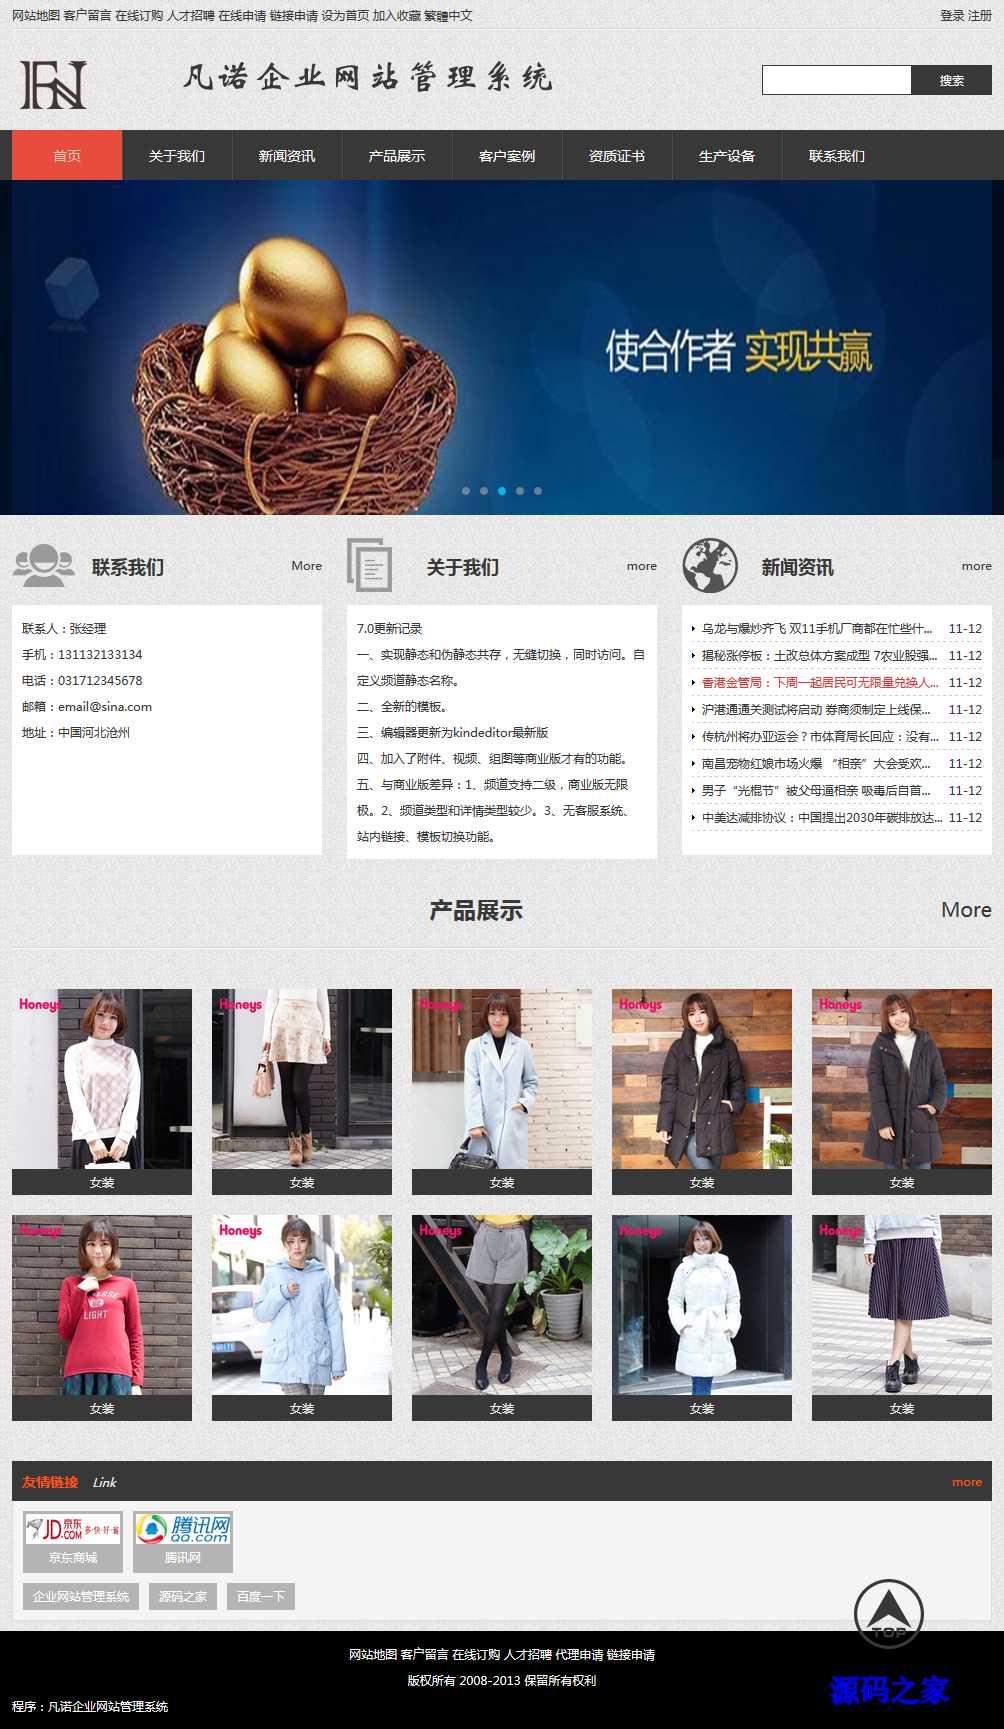 凡诺企业网站管理系统